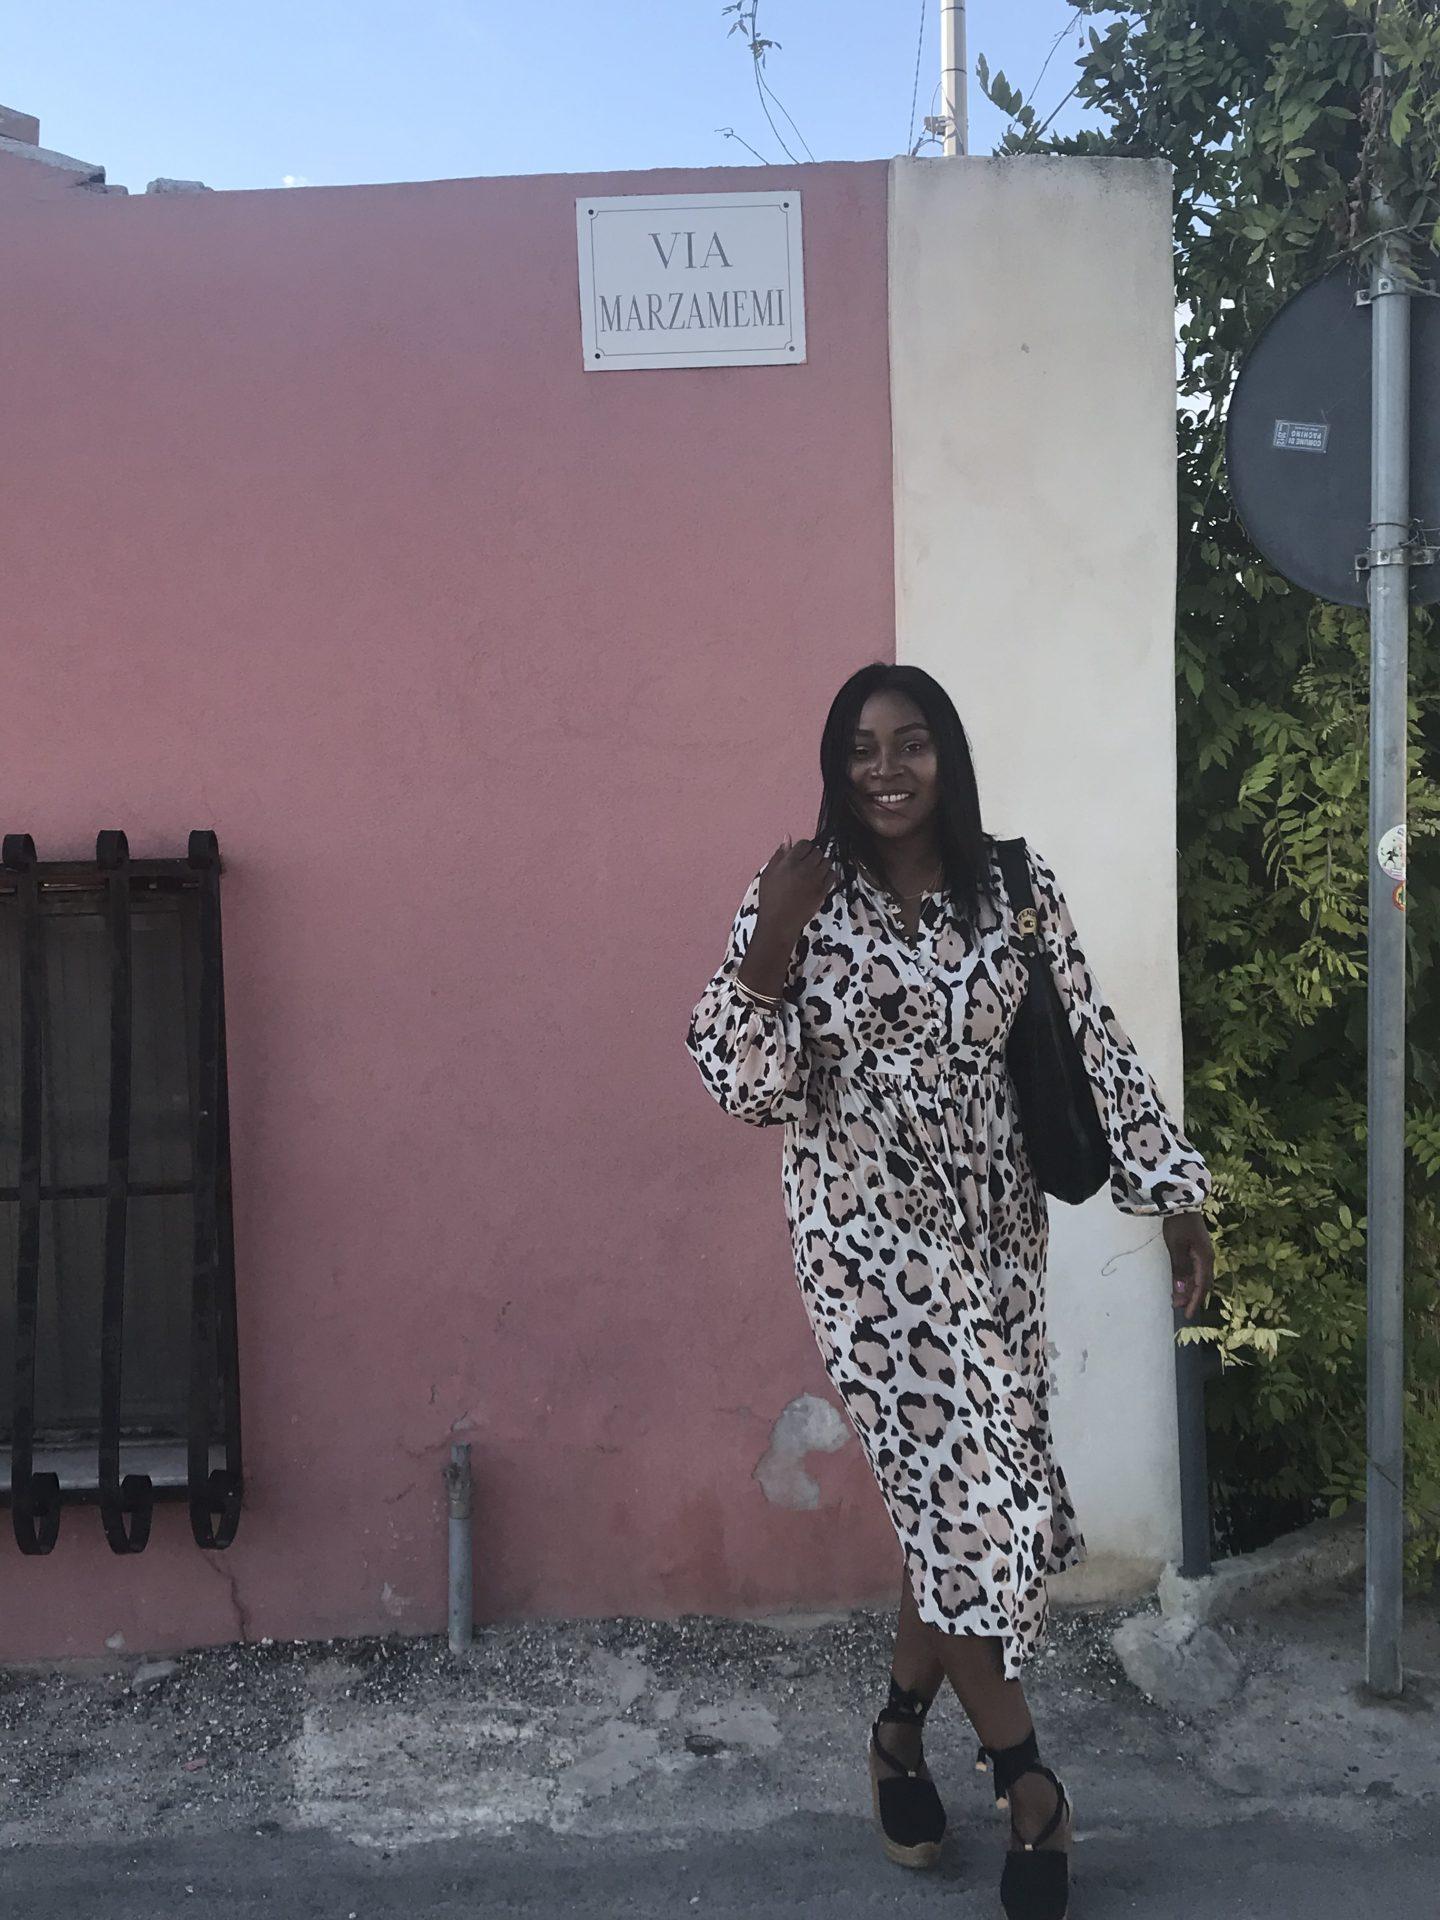 Mum a Porter Ayesha Amato